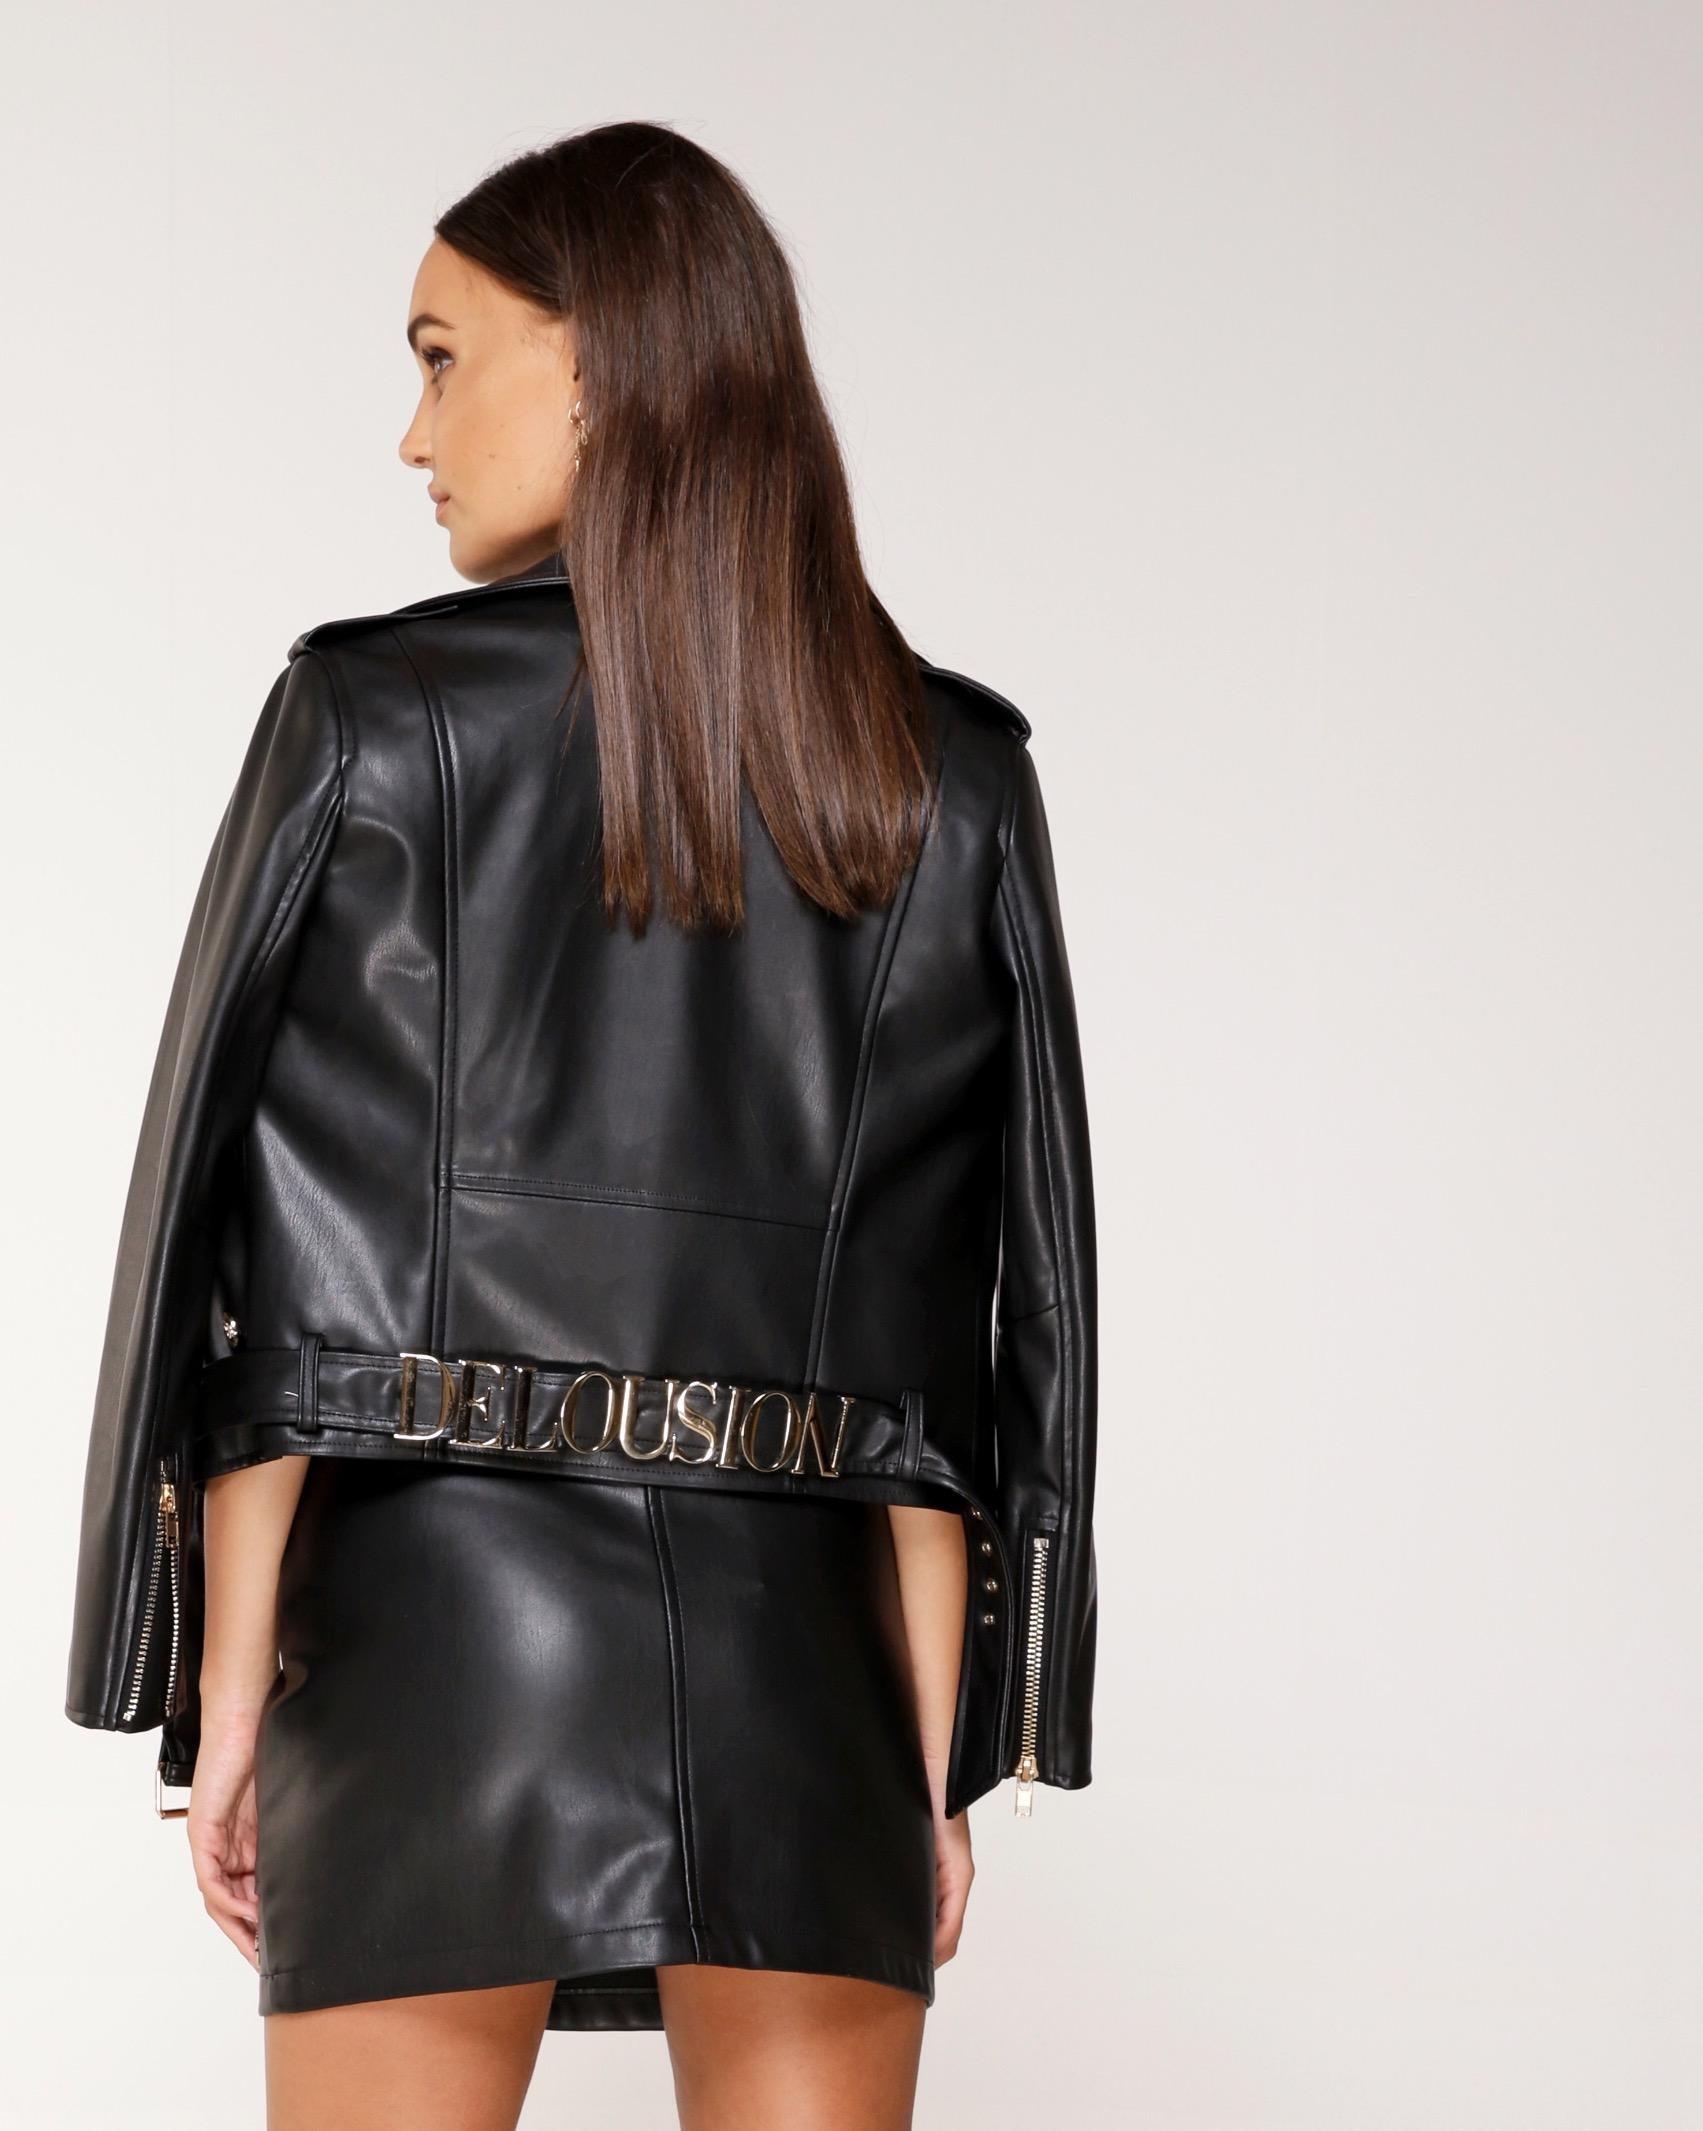 Delousion jacket black